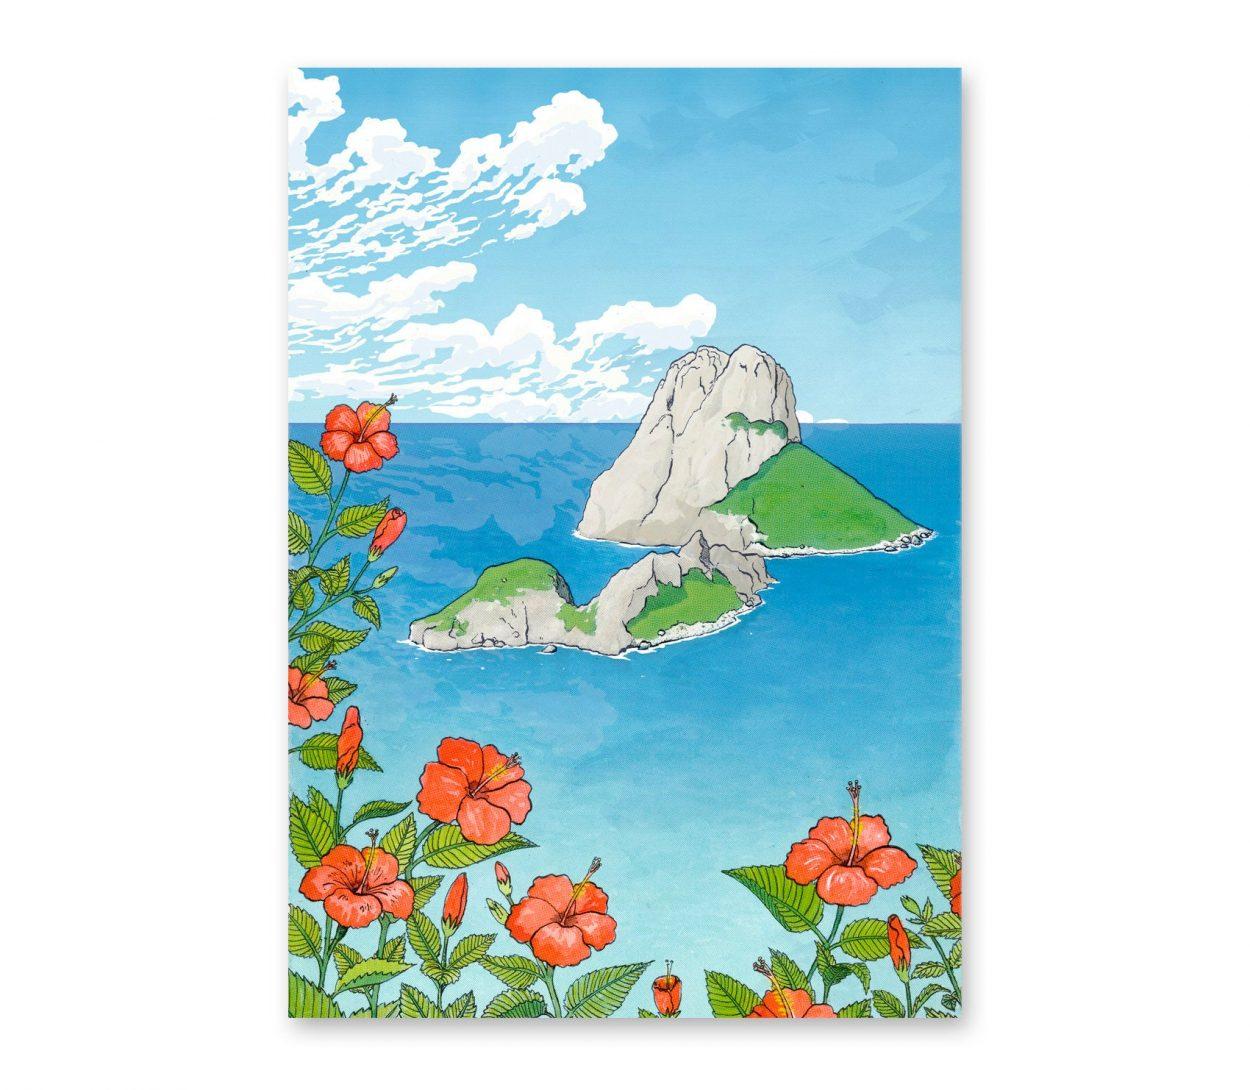 Ilustración en acuarela y tinta del islote de Es Vedrà i Es Vedranell en la isla Balear de Ibiza, Mediterráneo.